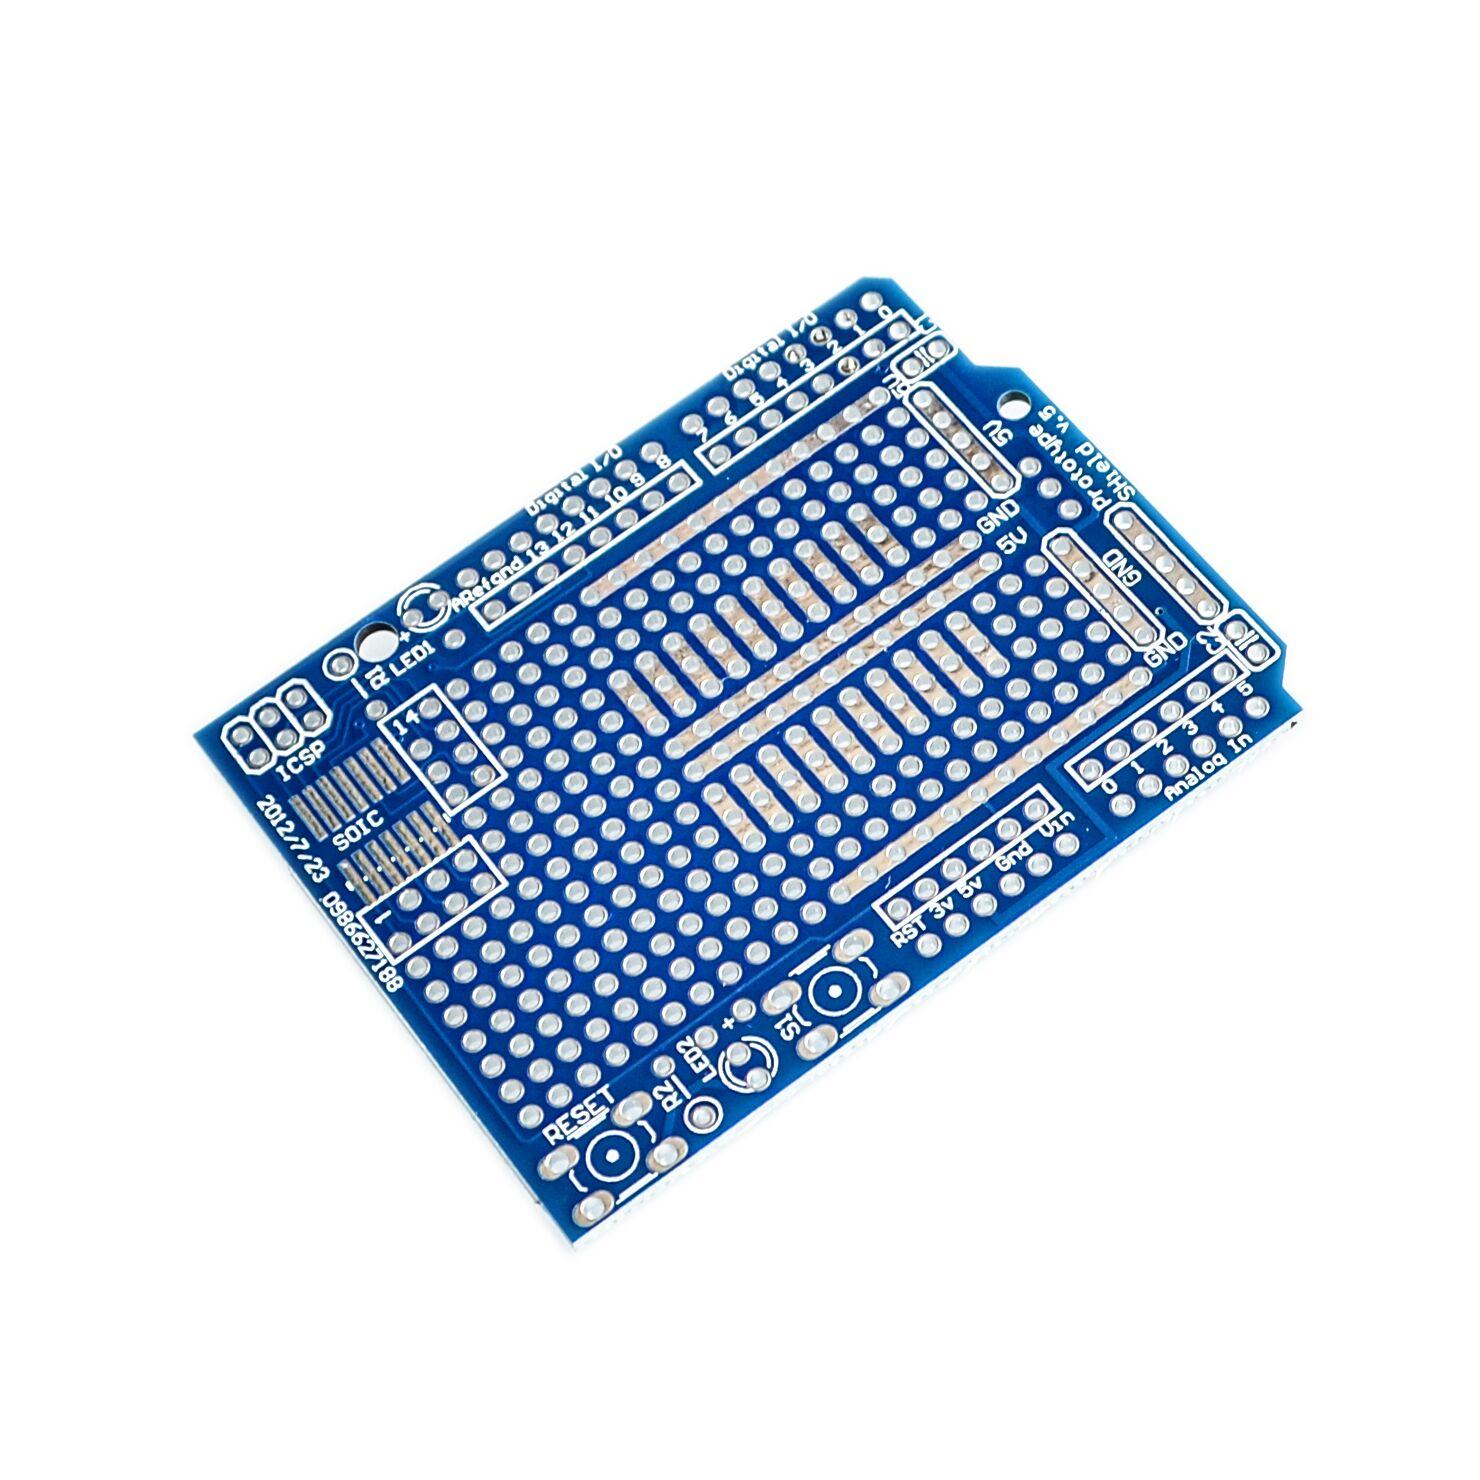 Прототип печатной платы для Arduino UNO R3 щит FR-4 волокна 2 мм 2,54 мм шаг